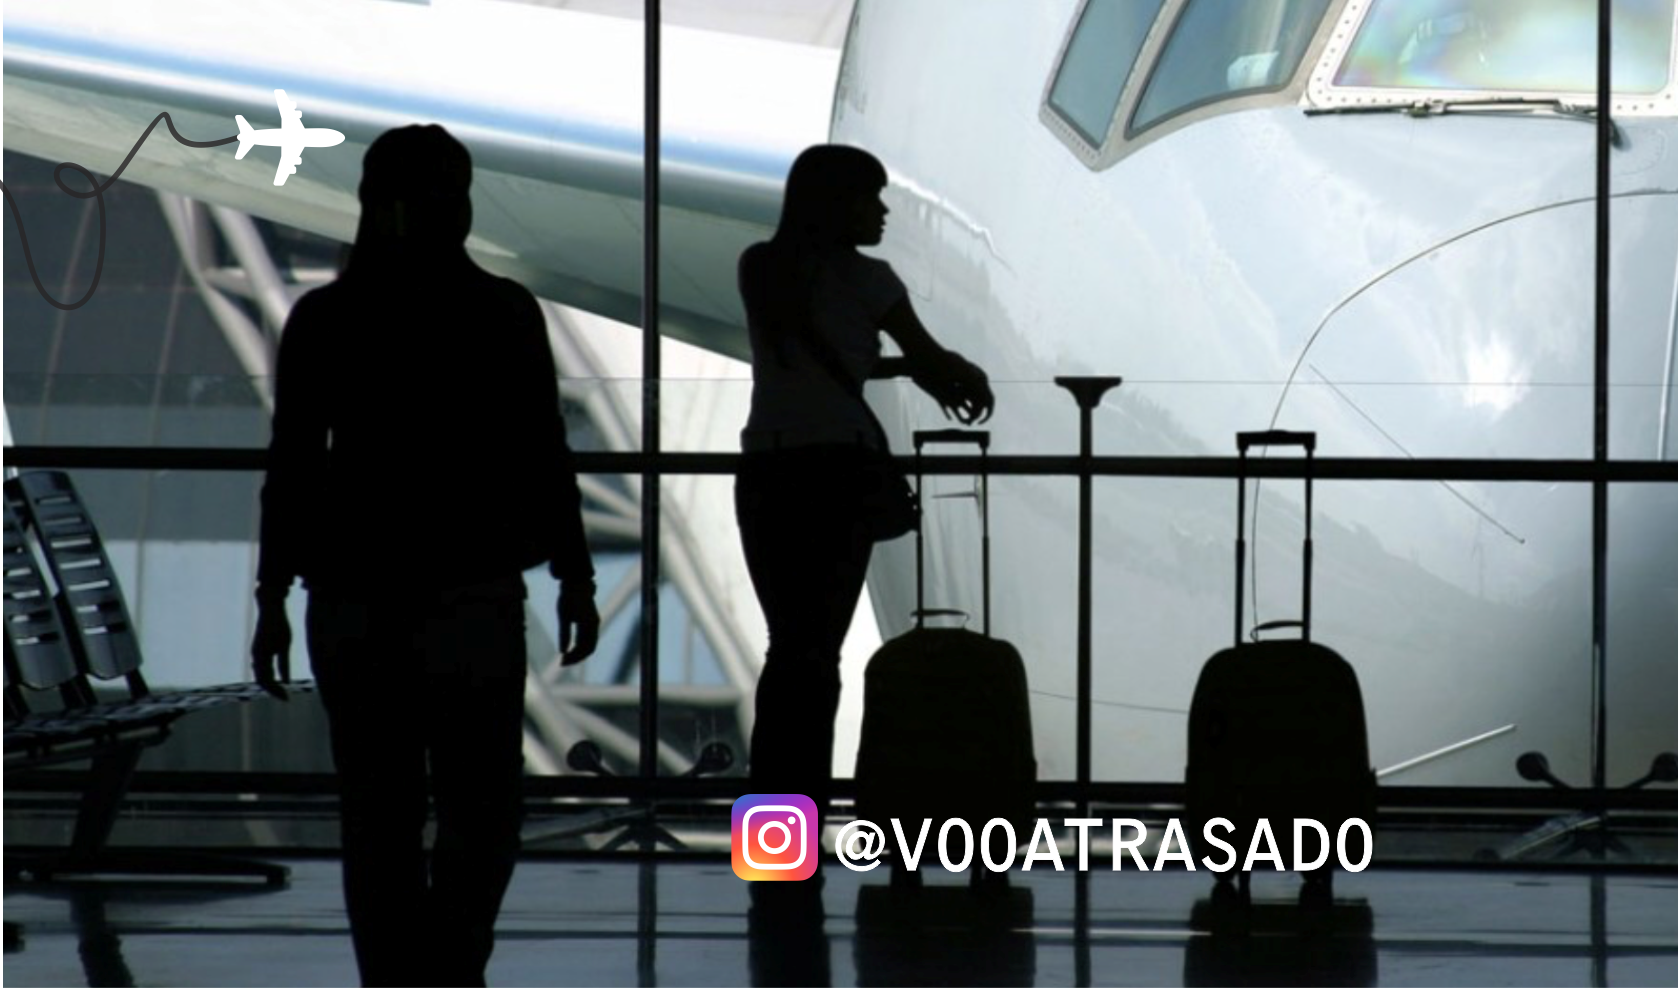 Mãe e Filha da cidade de Manaus, sofreram atraso de voo e Empresa Voo Atrasado mediou acordo de R$ 7.000,00